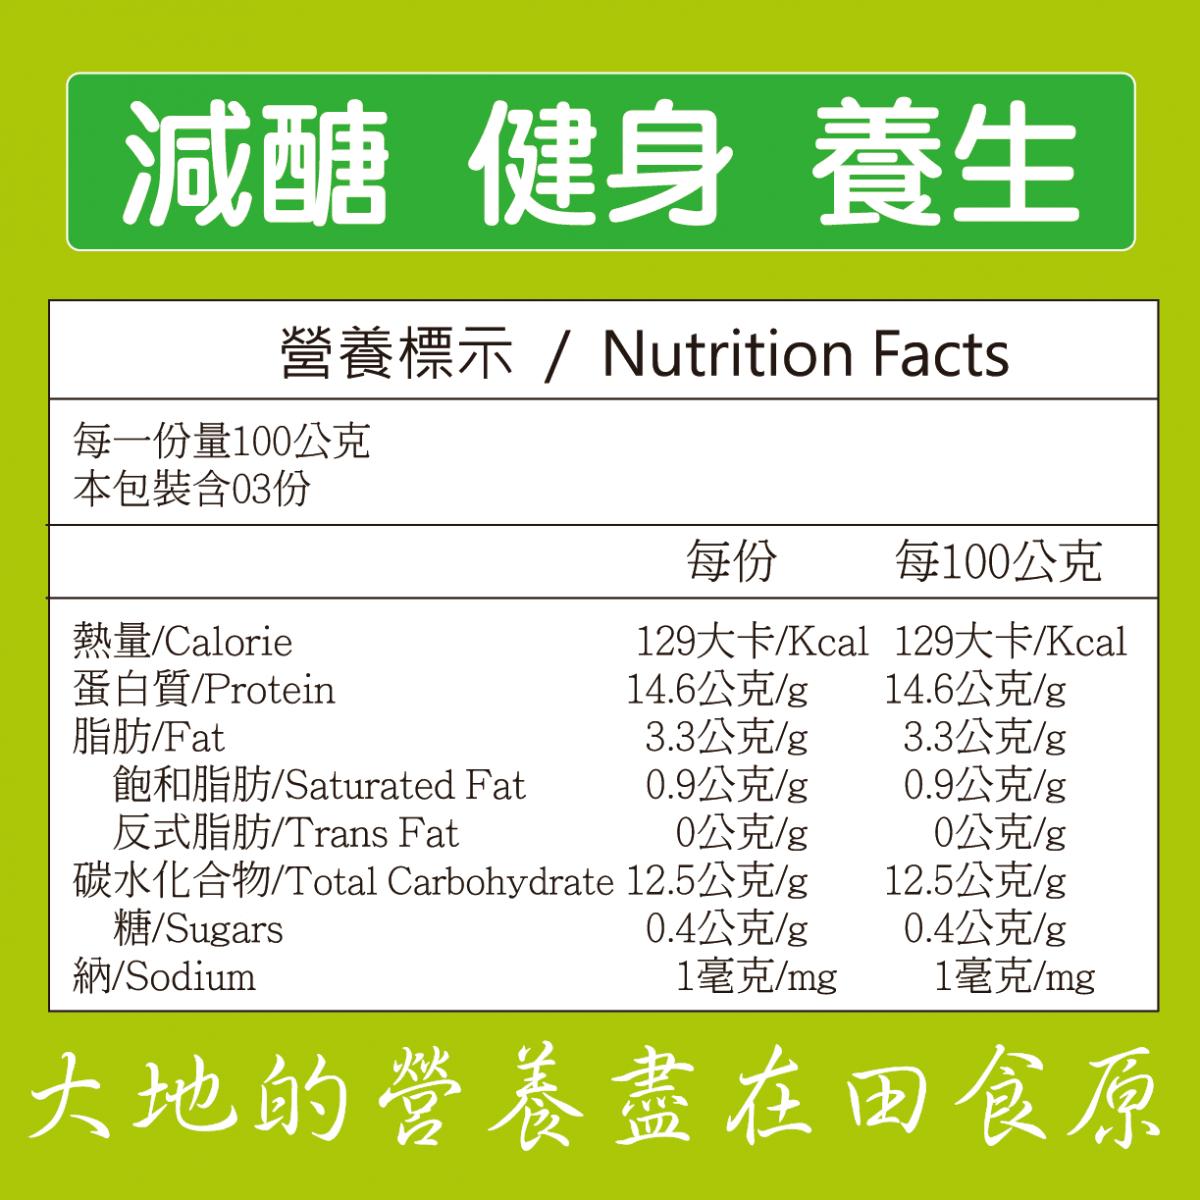 【田食原】新鮮冷凍毛豆仁 300g 養生即食 健康減醣 低碳飲食 健身餐  卵磷脂  冷凍蔬菜 6